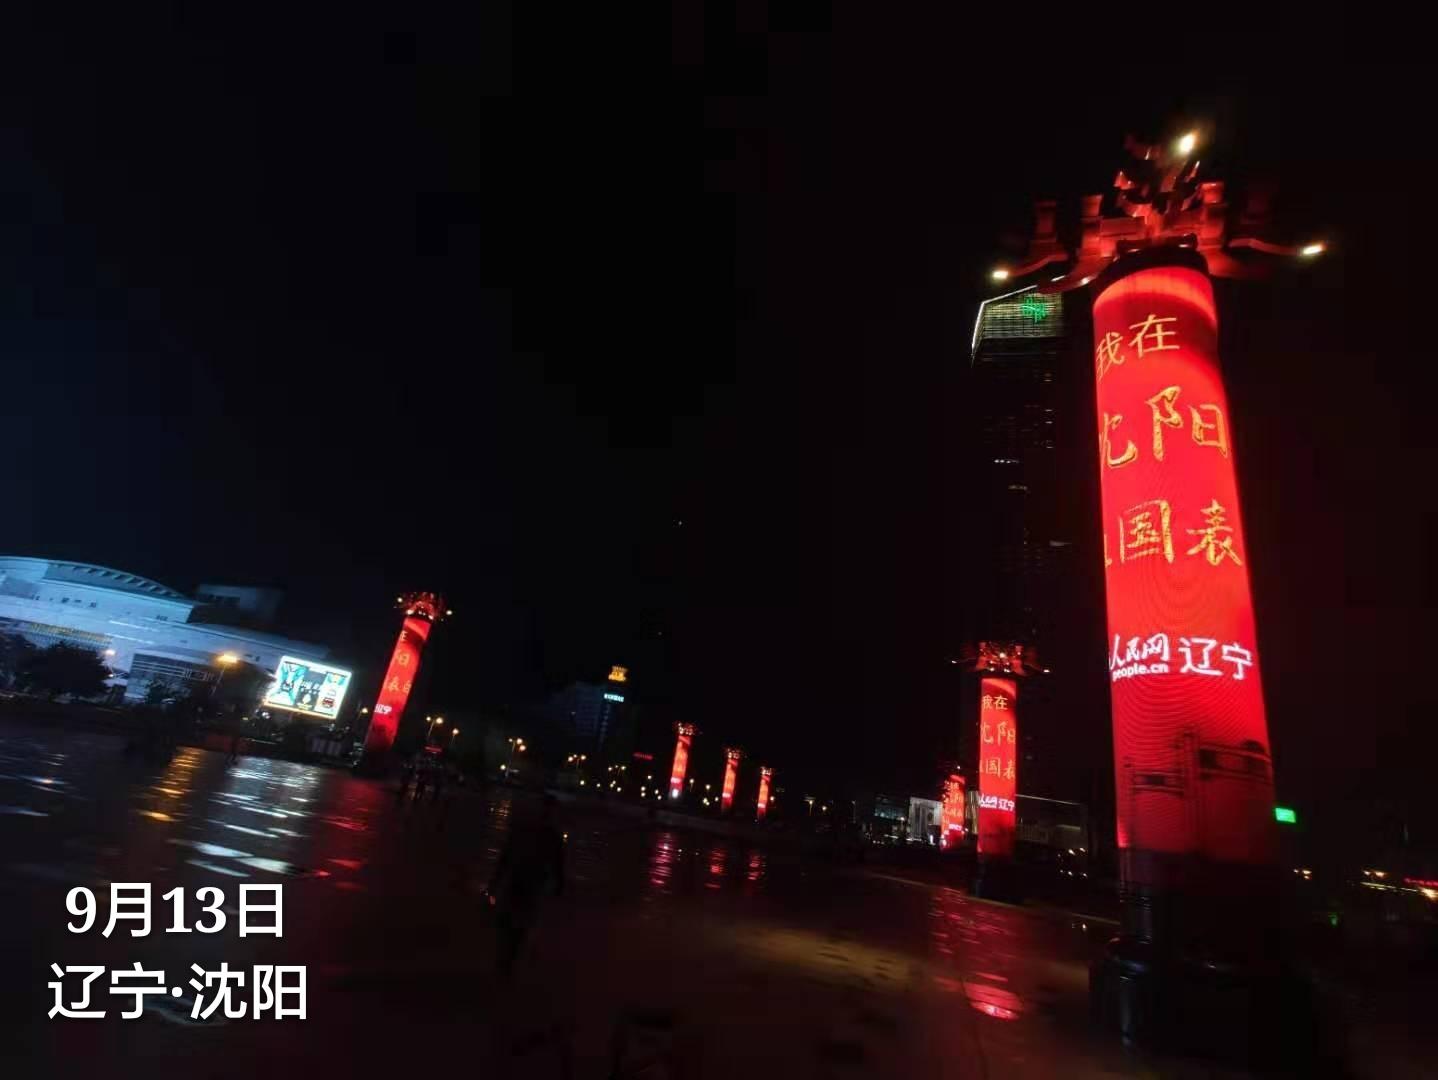 中秋夜向祖国表白多地上演城市灯光秀